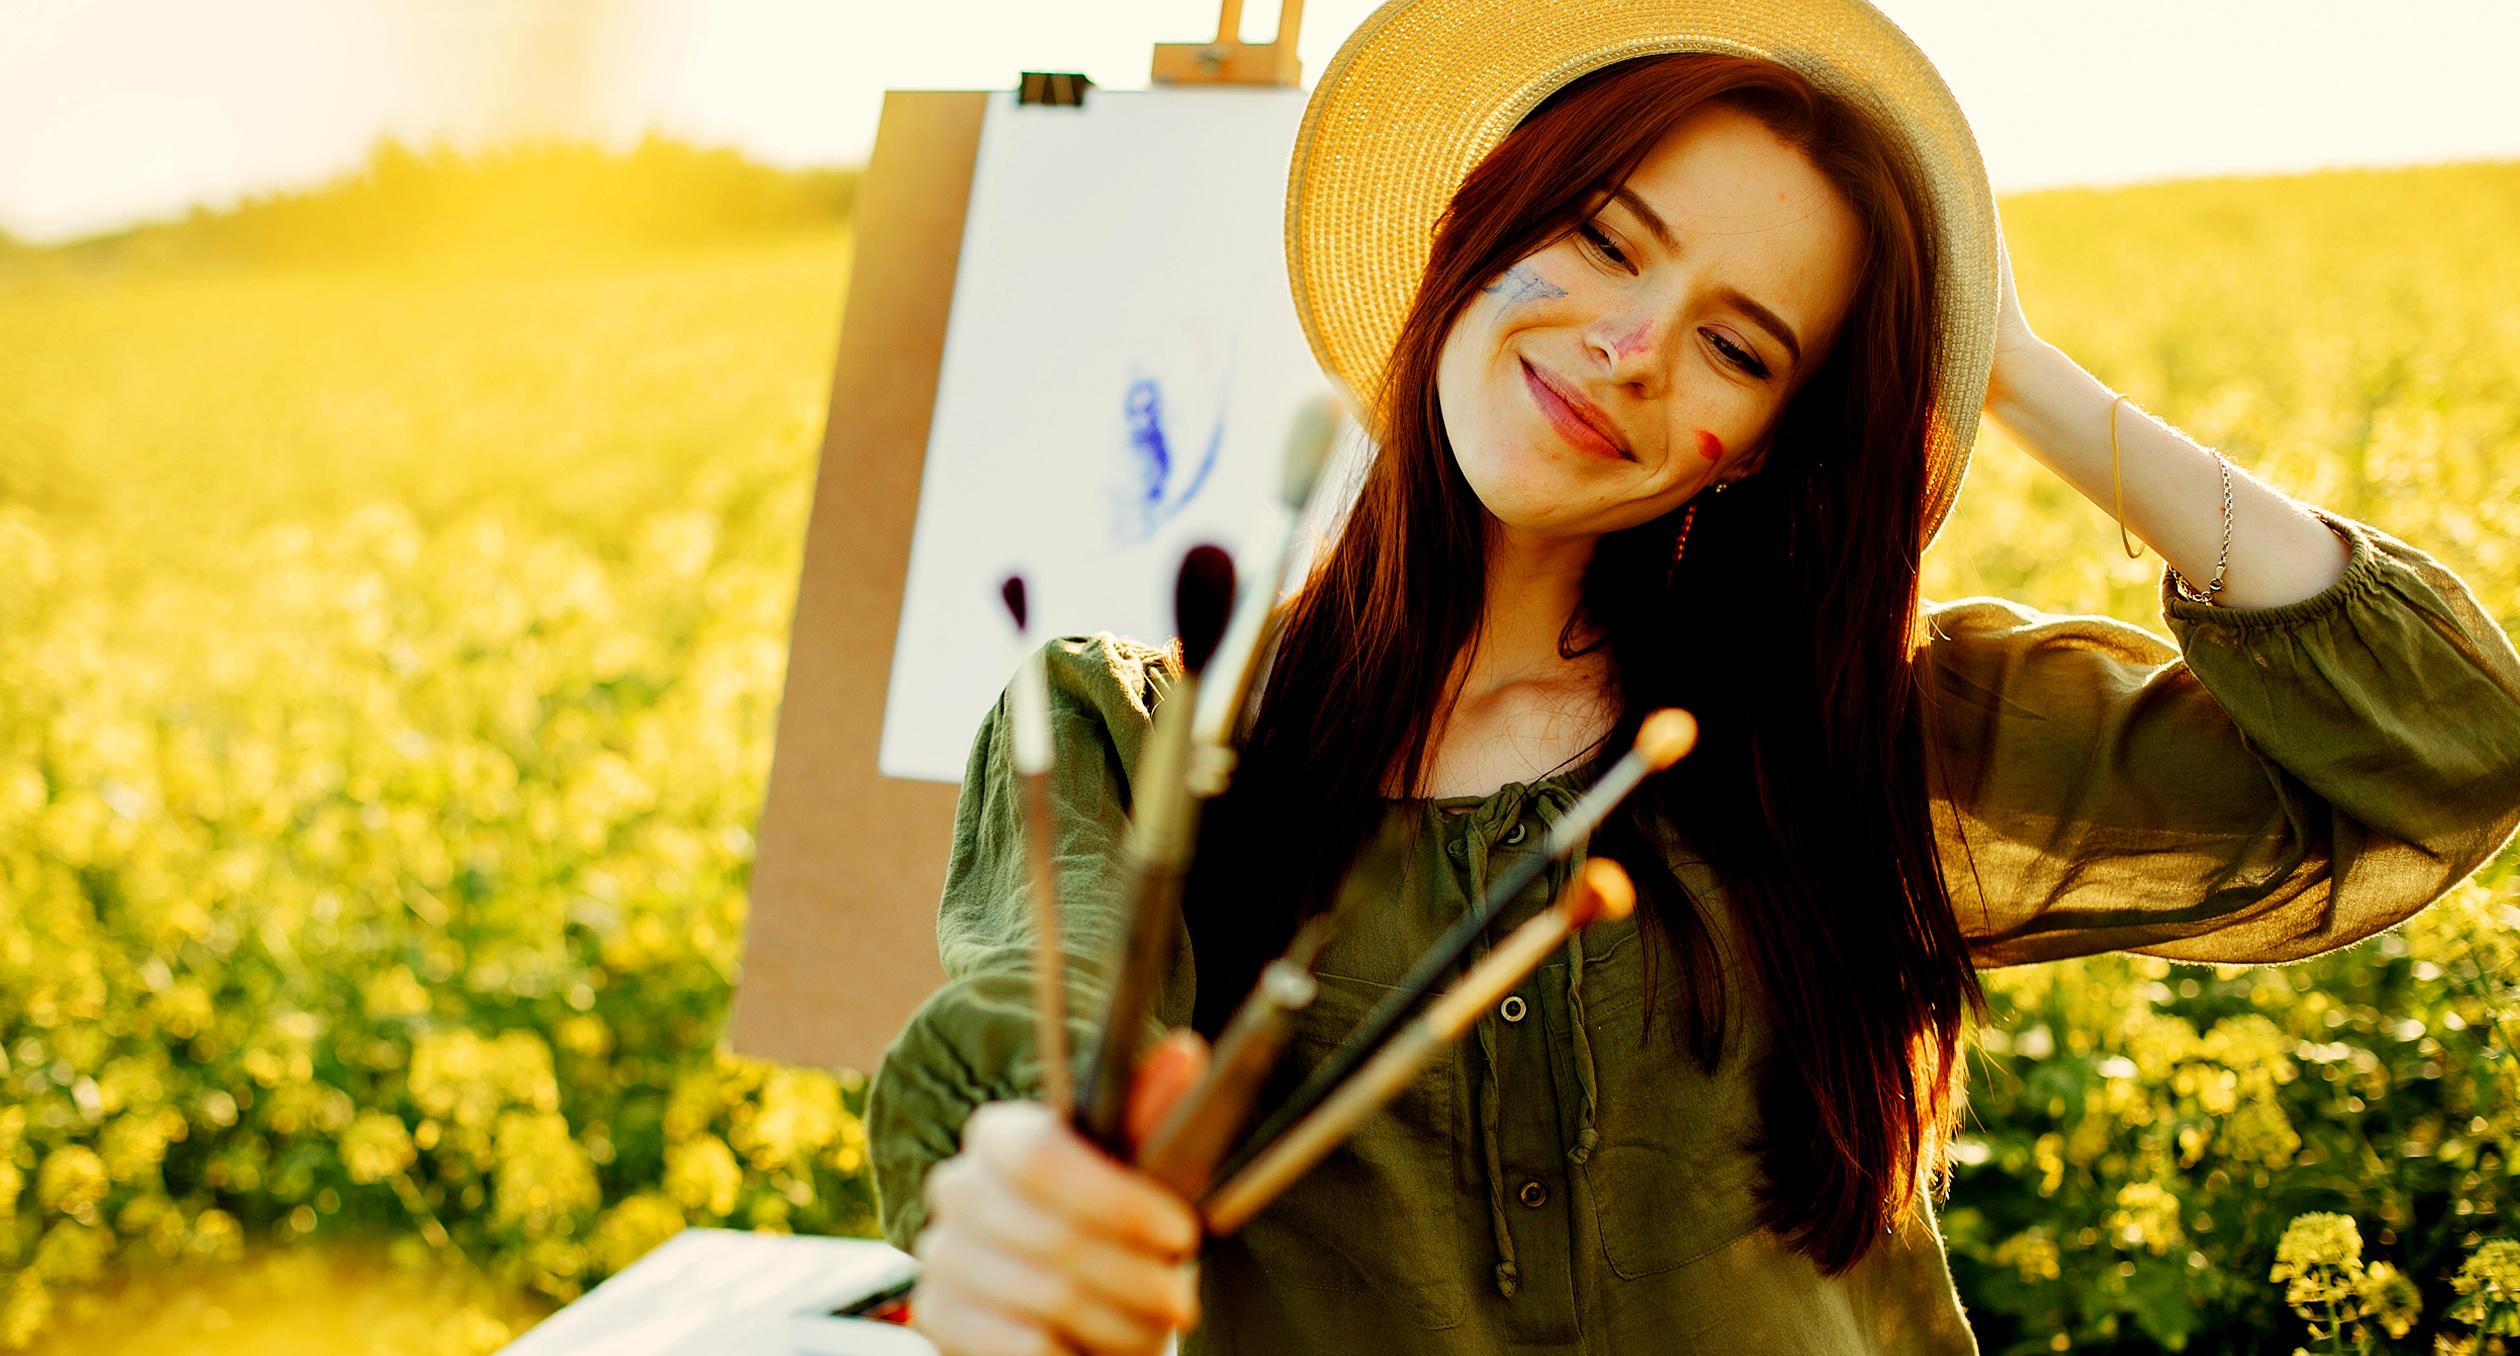 pittura emozionale, emozioni, psicologa, pescara